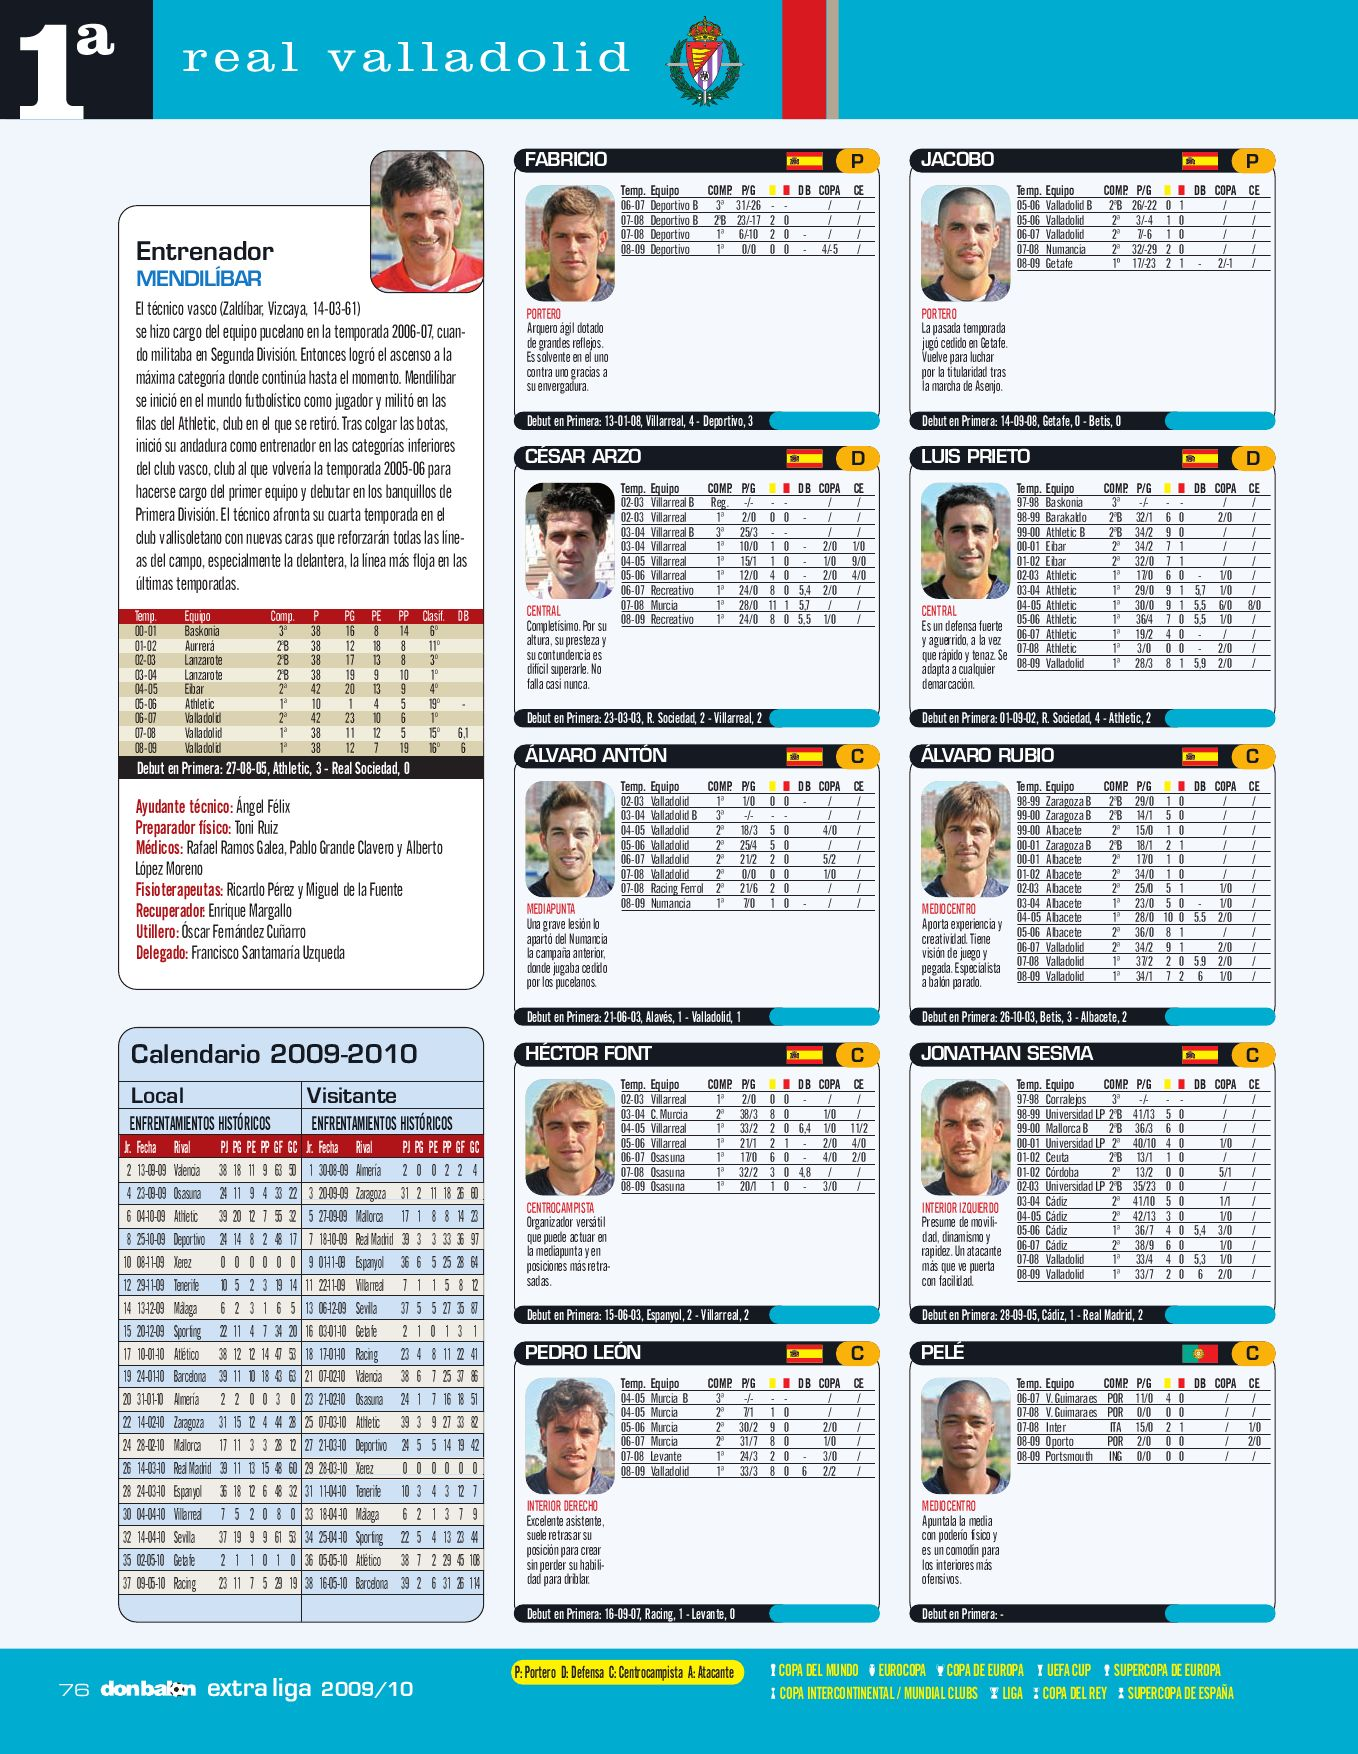 Calendario 1932 Espana.Extra Liga 2009 2010 By Cesar Sanchez Issuu